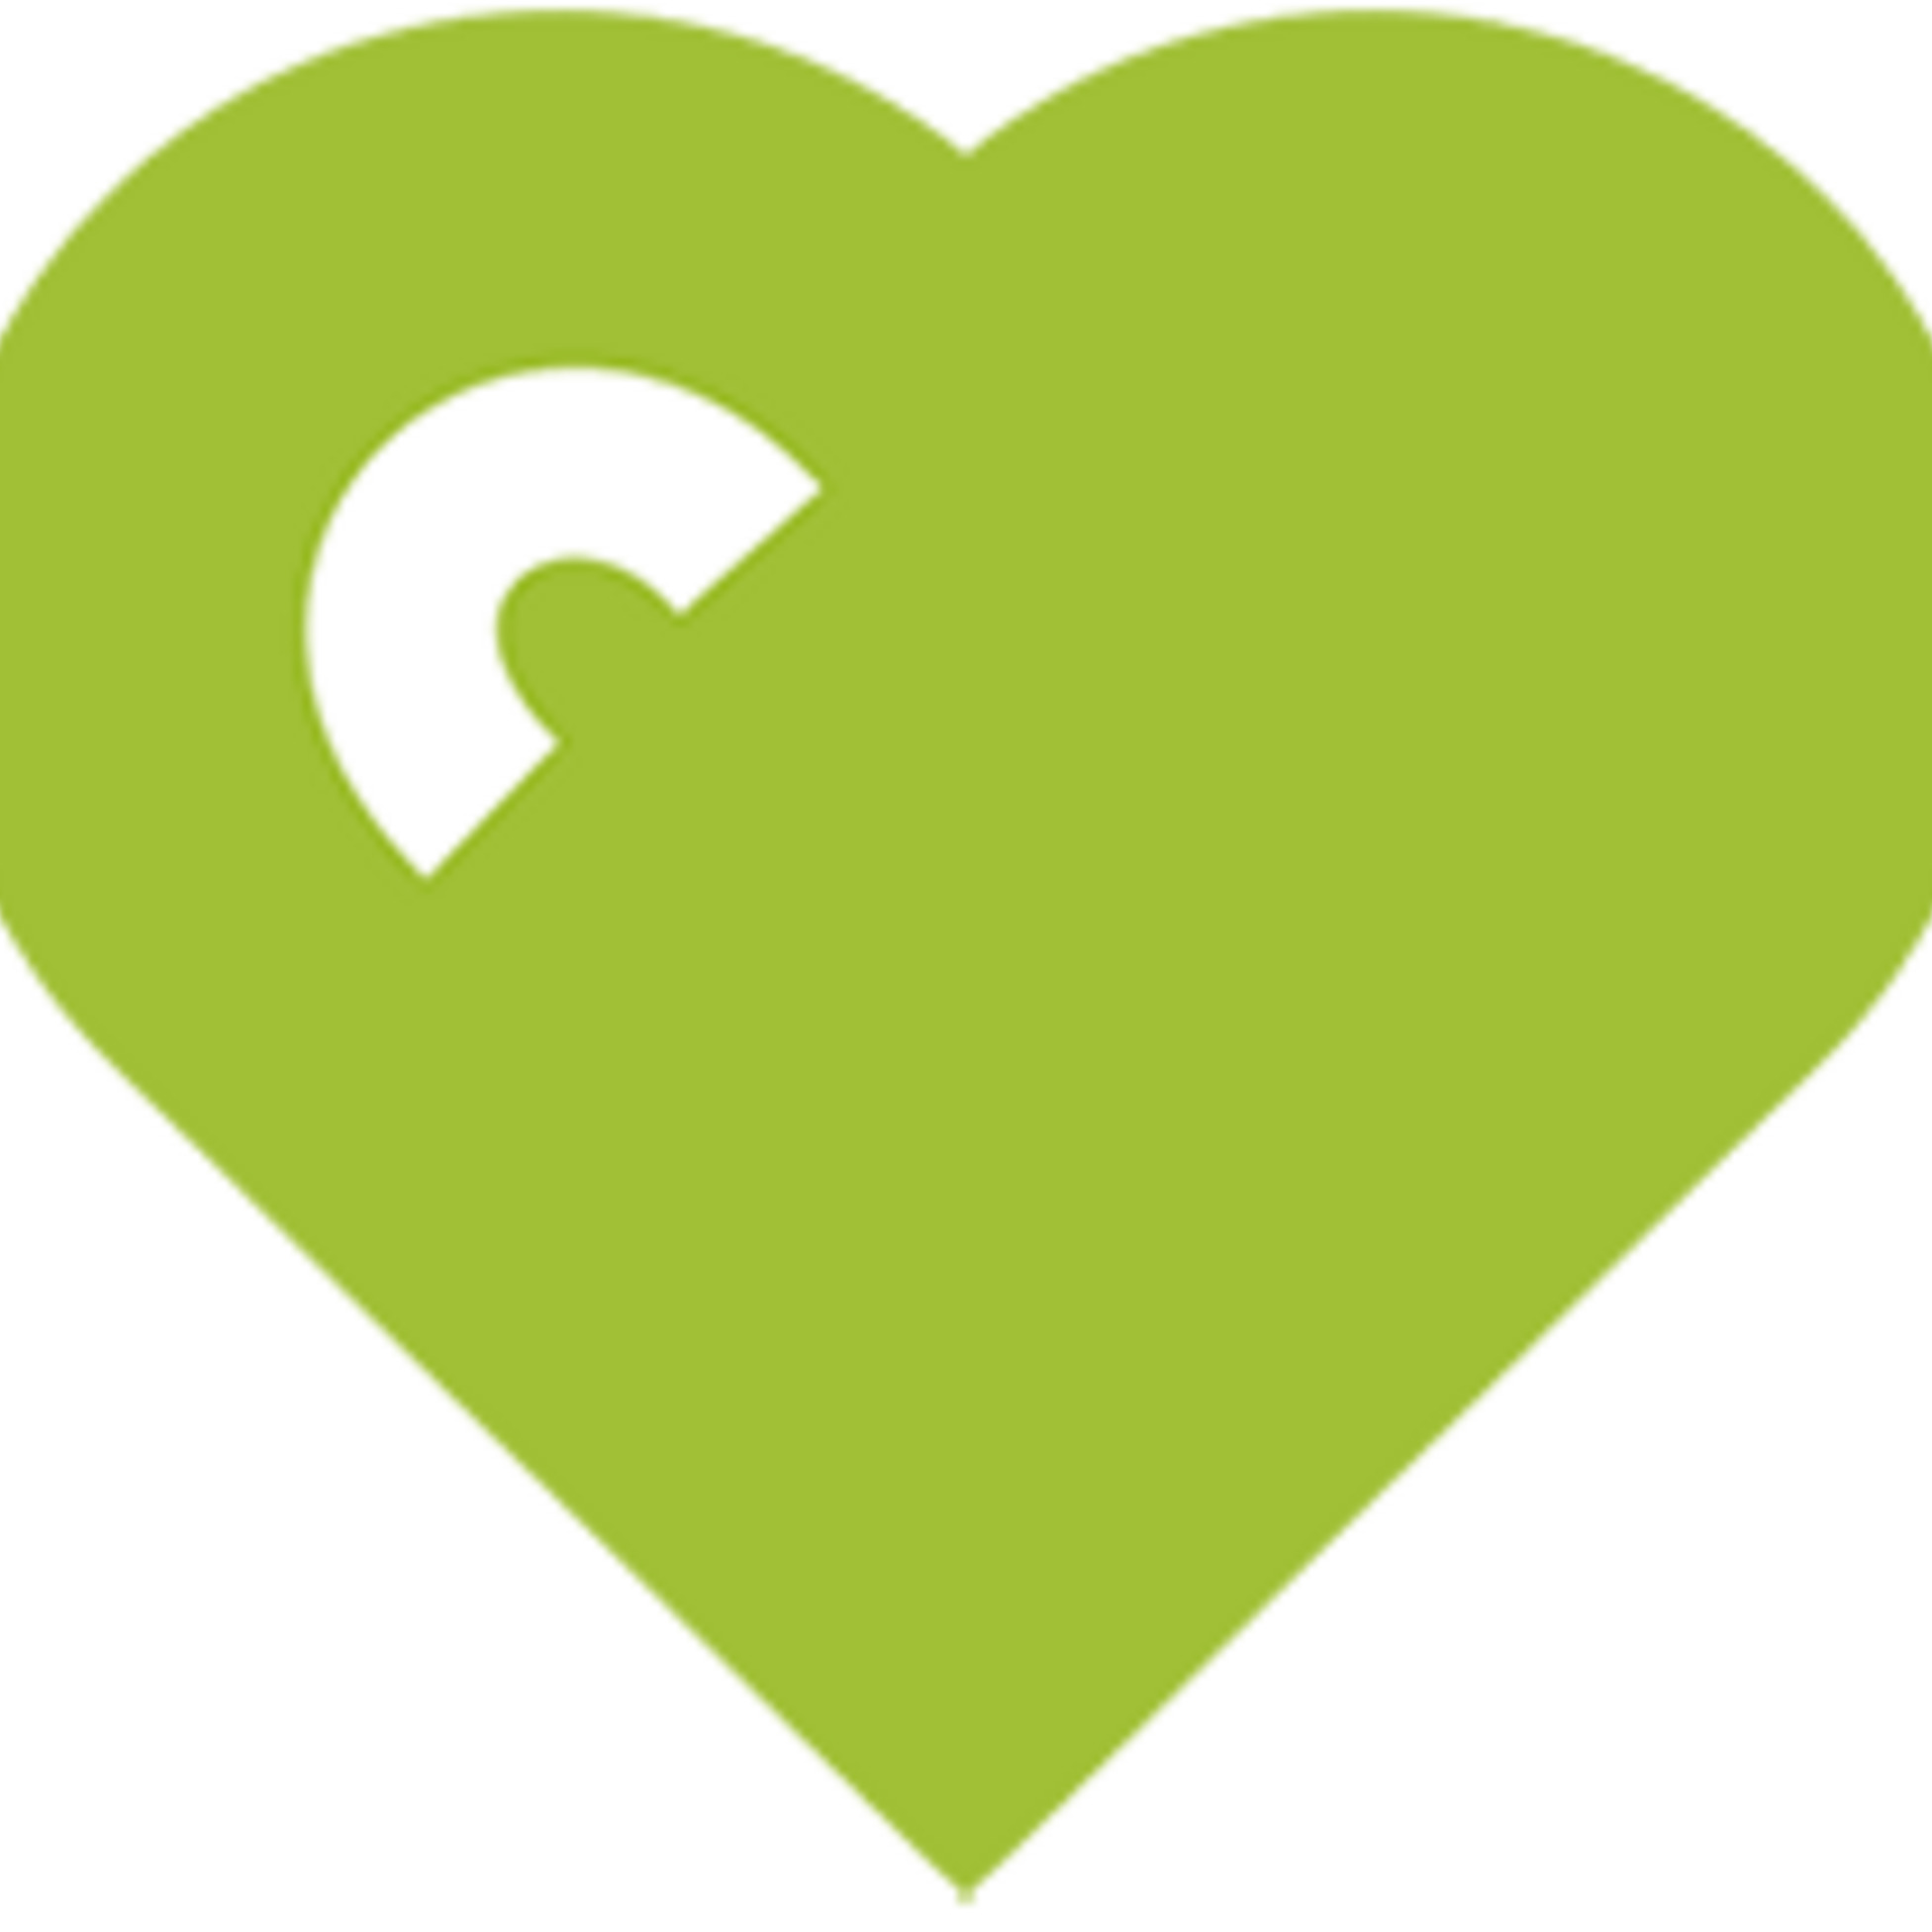 Grünes Herz vor grauem Hintergrund